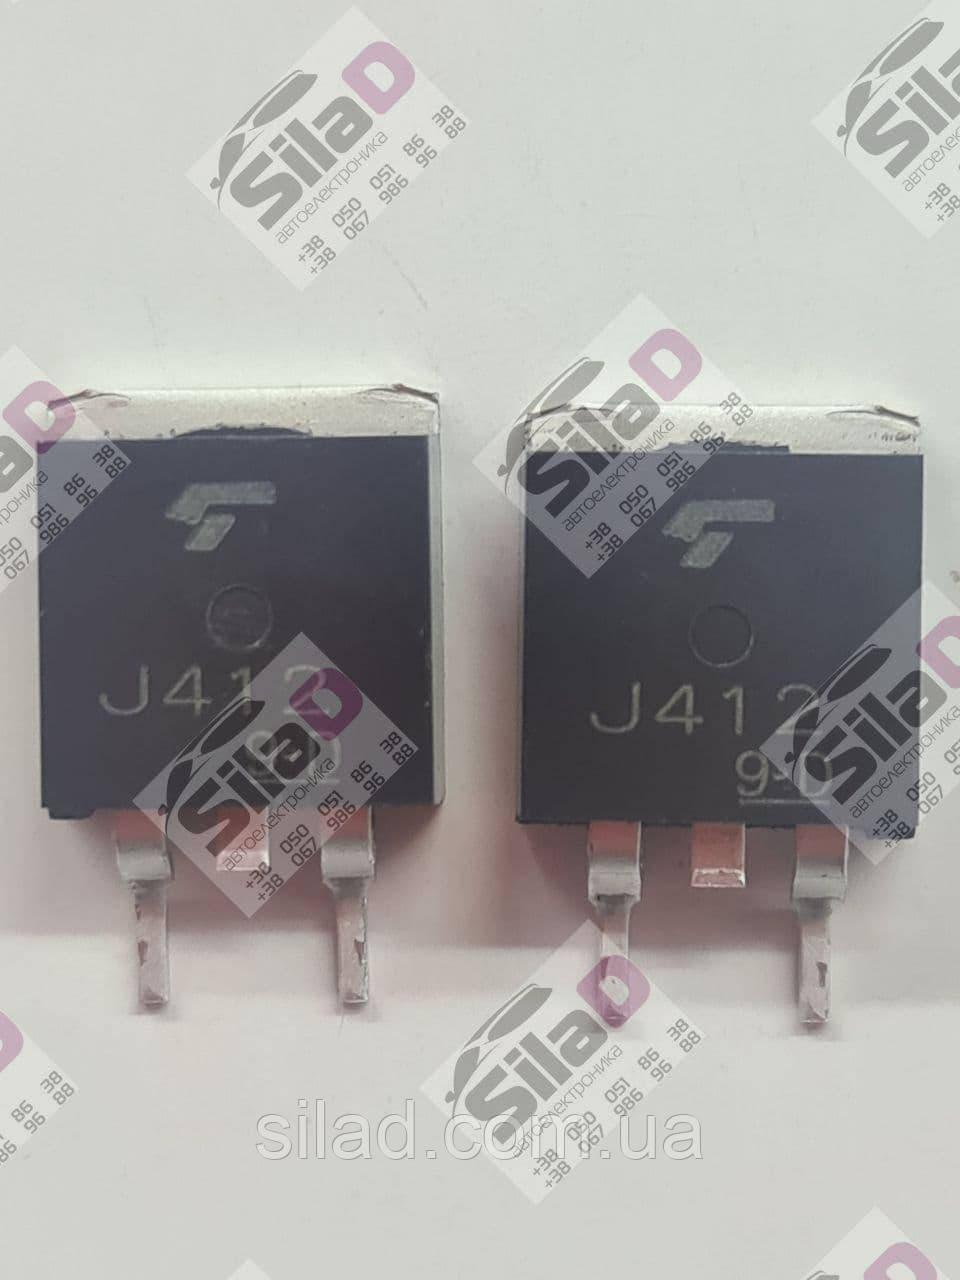 Транзистор 2SJ412 J412 Toshiba корпус TO-263